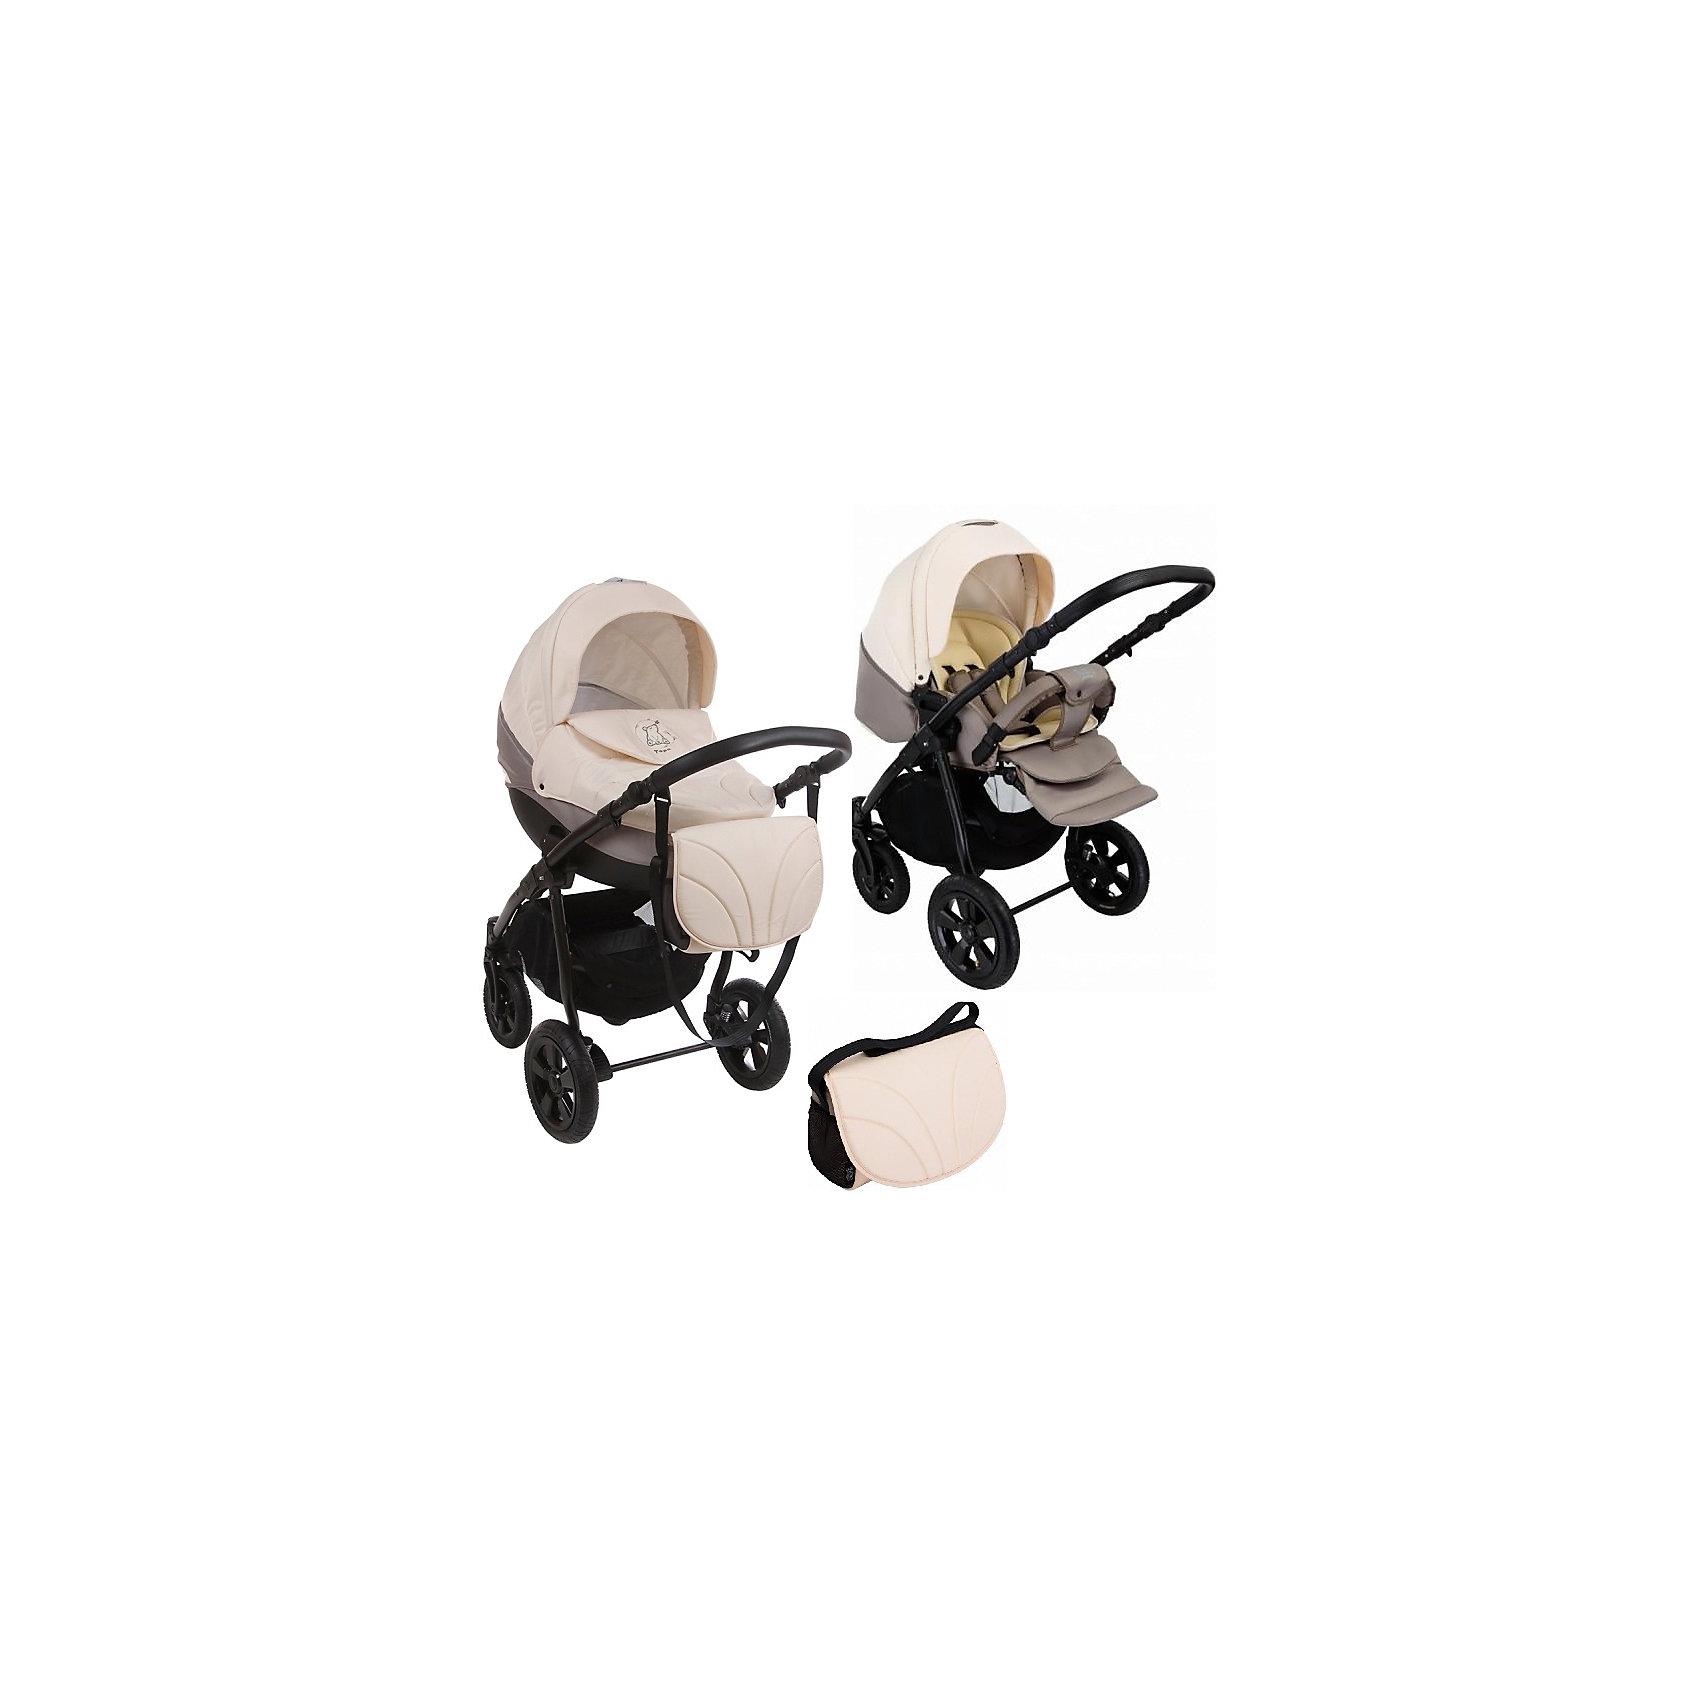 Коляска 3 в 1 Tapu-Tapu, Tutis, свет.бежевый/темн.бежевыйКоляска 3 в 1 Tapu-Tapu, Tutis, свет.бежевый/темн.бежевый<br>Коляска 3 в 1 Tapu-Tapu Tutis специально создана для тех, кто любит путешествовать, обожает прогулки на свежем воздухе. Легкая в управлении, просторная, маневренная, компактная, она оборудована просторной прочной пластмассовой люлькой, которая имеет вентиляционные отверстия в нижней части. Внутри люльки - тканевое покрытие, матрасик из кокосового волокна и регулируемый подголовник. Накидка на люльку защищает малыша от ветра и непогоды. Прогулочный блок имеет широкое сидение с регулируемым наклоном спинки вплоть до горизонтального положения, встроенные пятиточечные ремни безопасности, регулируемую подножку, матрасик-вкладыш, накидку на ножки, съёмный бампер, обтянутый мягкой тканью. Большой регулируемый капюшон с ручкой для переноски имеет вентилируемую вставку под молнией. Высоту ручки для мамы можно отрегулировать. Предусмотрена вместительная корзина для покупок и сумка для мамы. Коляска имеет надувные колеса, передние - поворотные с блокировкой, задние - с ножными тормозами. Шасси выполнено из алюминия, легко и компактно складывается. Автомобильное кресло отвечает всем европейским стандартам, крепится в автомобиле штатным ремнем безопасности, против хода движения. Имеет трёхточечный ремень безопасности, анатомический вкладыш, солнцезащитный козырек, накидку-чехол, нескользящую ручку.<br><br>Дополнительная информация:<br><br>- Комплектация: люлька, прогулочный блок, автокресло, шасси,  матрас для люльки, москитная сетка, дождевик, сумка для мамы, корзина для покупок, чехлы на ножки (прогулочный блок, автокресло), накидка на люльку, матрасик-вкладыш (прогулочный блок, автокресло)<br>- Функция качания (когда люлька лежит на полу)<br>- Регулируемая амортизация шасси<br>- Размеры: прогулочный блок – 95x39 см, внутренний размер люльки – 79x36 см, внутренний размер автокресла - 74x32 см.<br>- Размер сложенной коляски: 89x60x38 см.<br>- Вес: люлька 4,95 кг